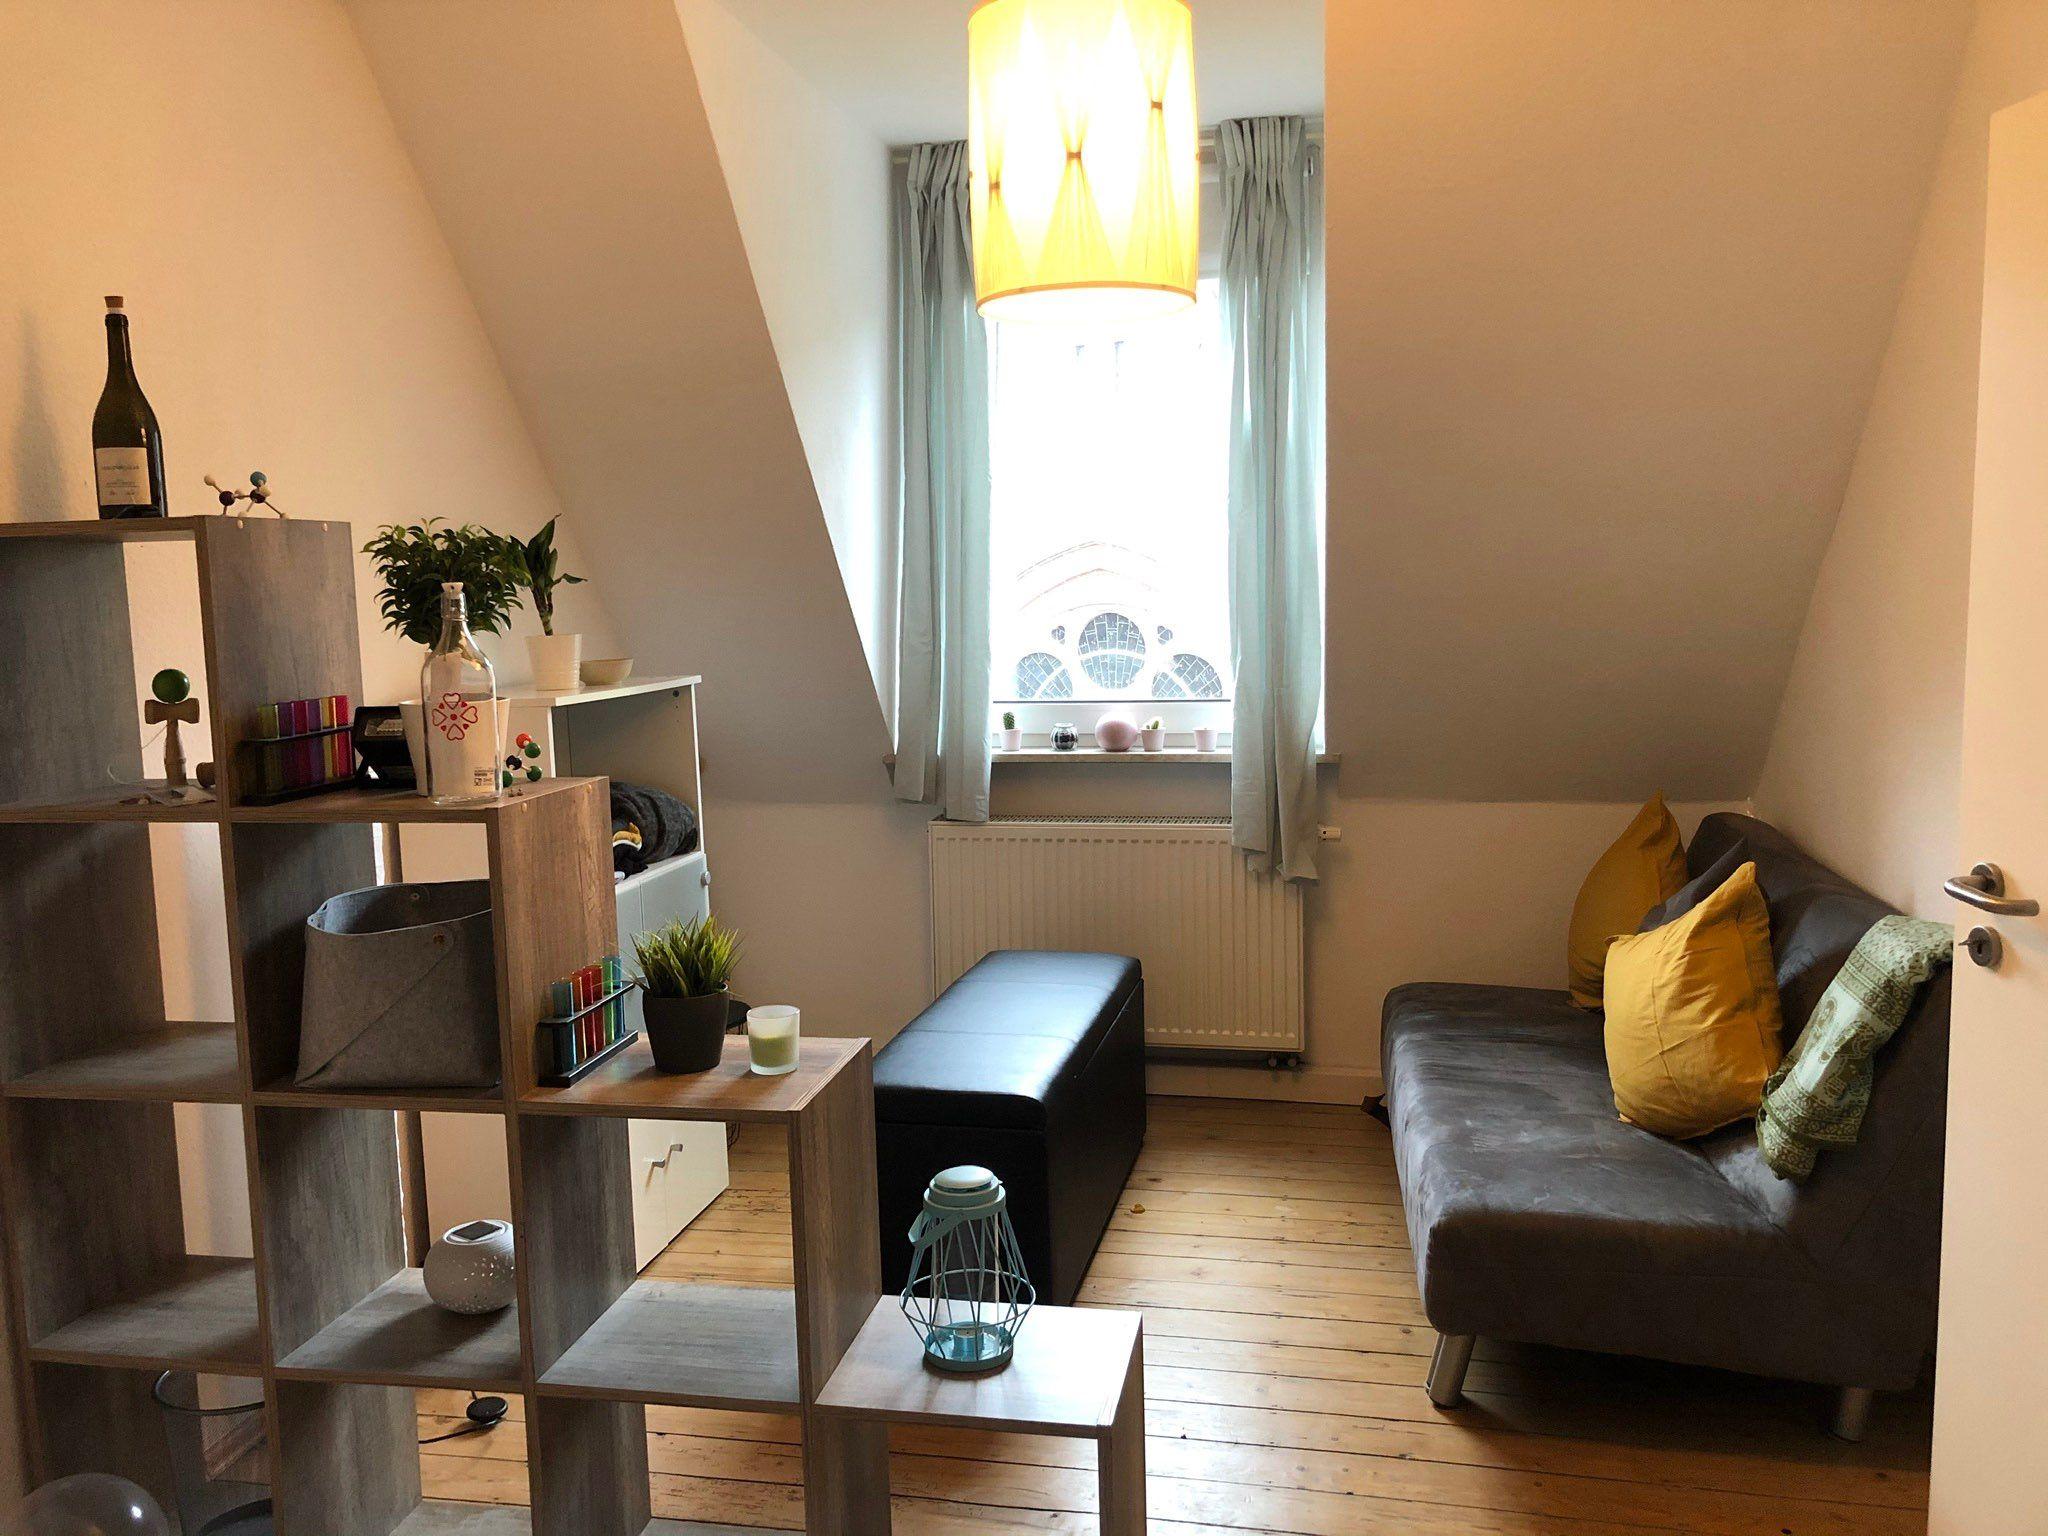 Full Size of Schnes Wohnzimmer In Mannheim Wggesucht Sofa Couch Wandbild Moderne Bilder Fürs Anbauwand Wandtattoos Deckenleuchte Vorhänge Hängelampe Led Lampen Kommode Wohnzimmer Schöne Wohnzimmer